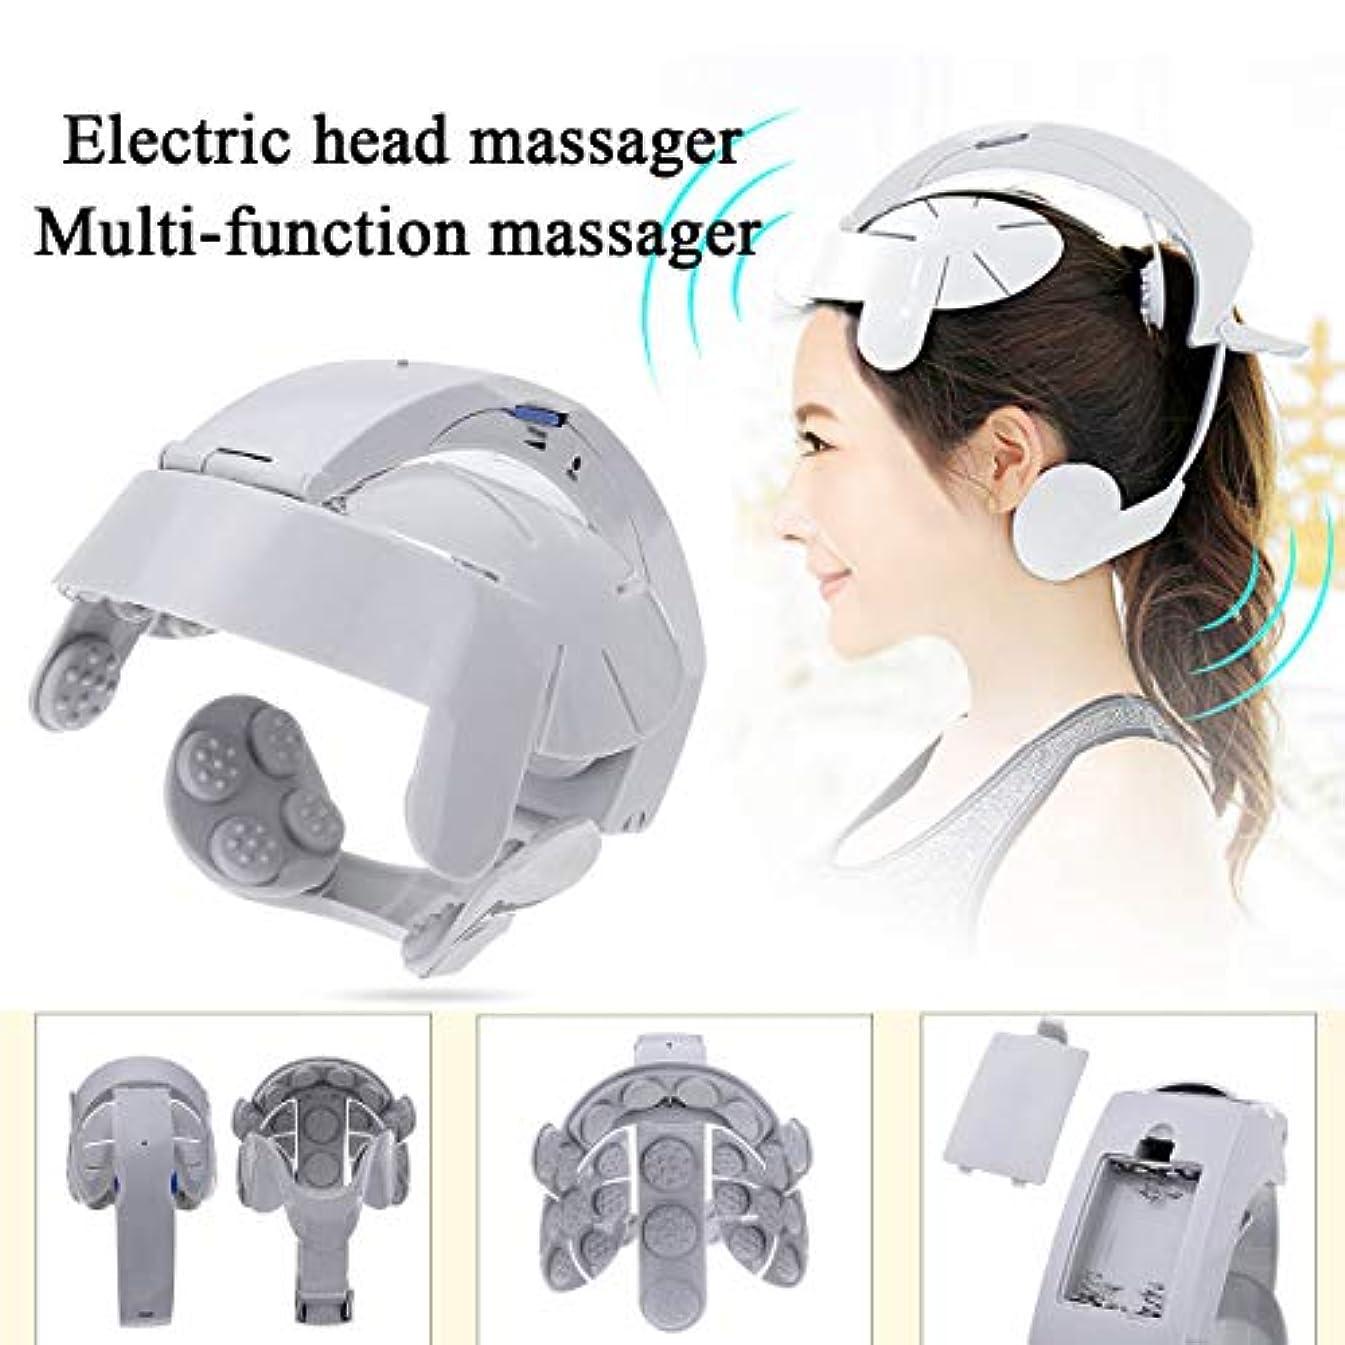 会話型祈るに勝る電気ヘッドマッサージの振動マッサージ簡単な脳マッサージ器ストレスリリーフとより良い睡眠経穴ストレス解放機